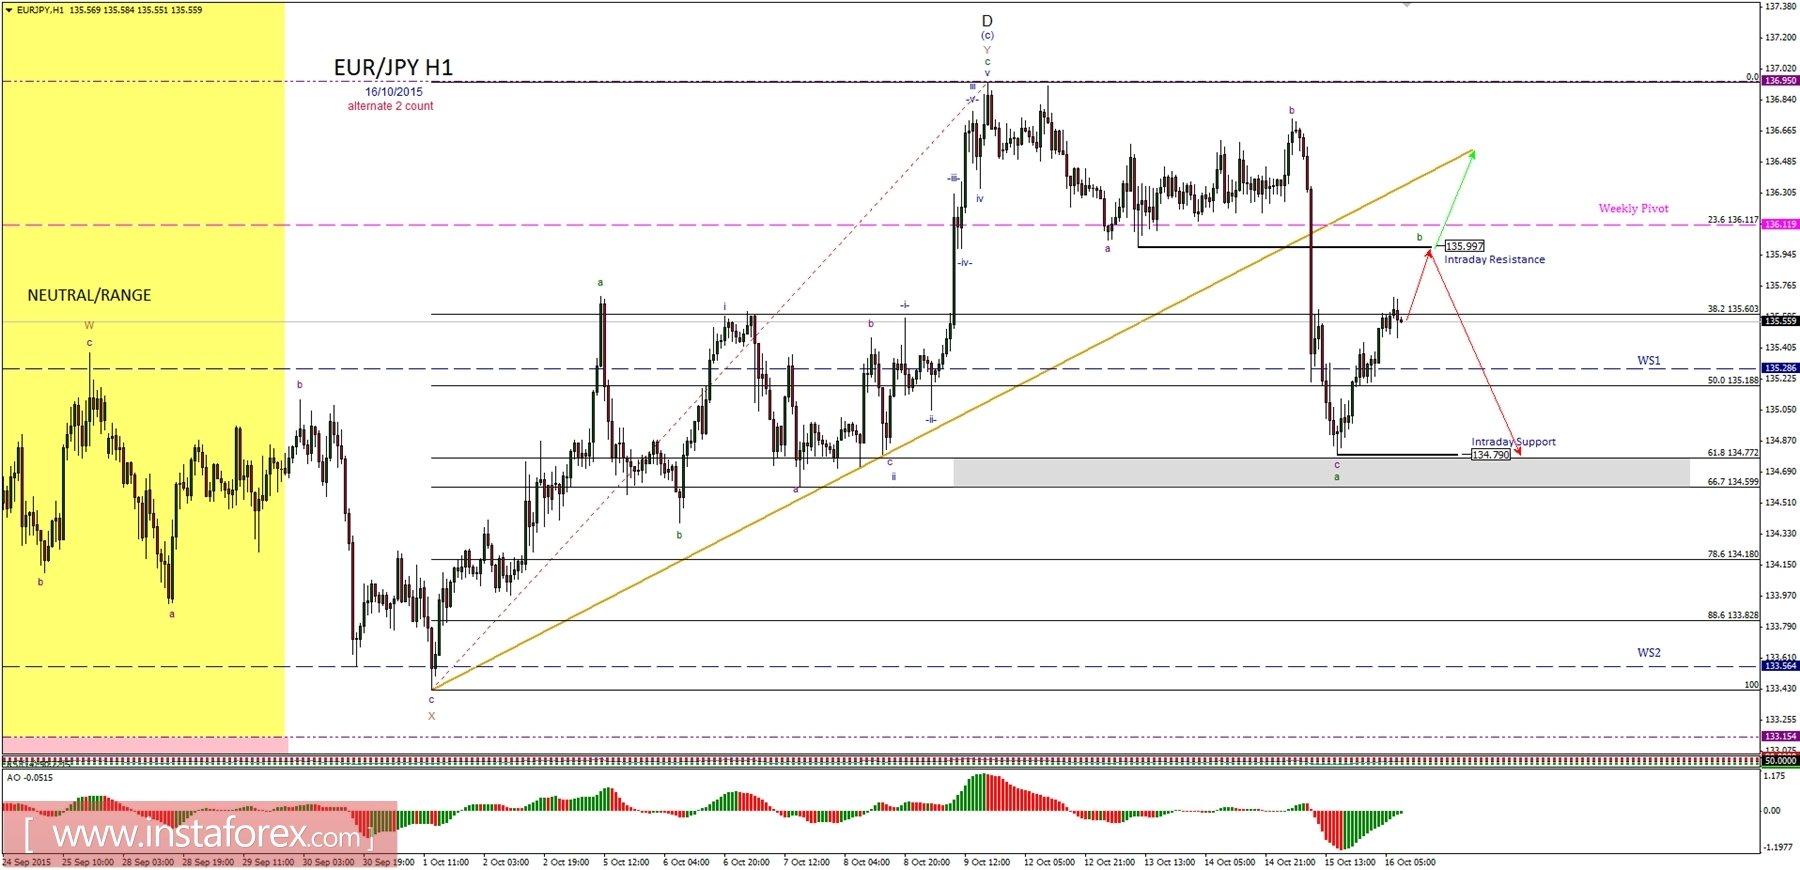 market analysis of dollar general